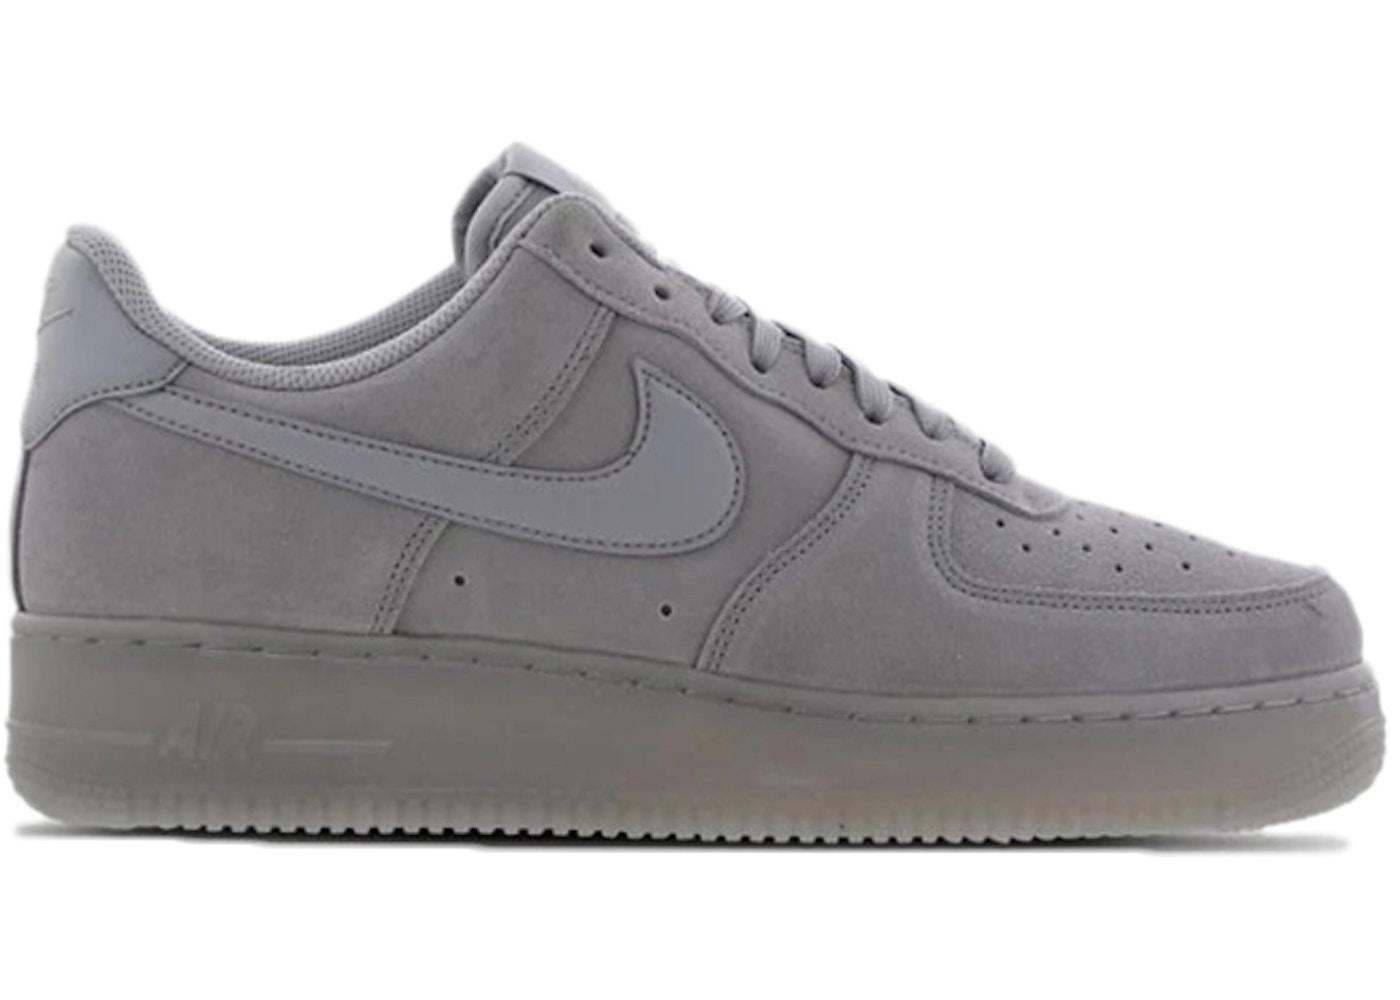 Deslumbrante ¿Cómo hasta ahora  Nike Air Force 1 '07 LV8 Grey Suede — HypeAnalyzer